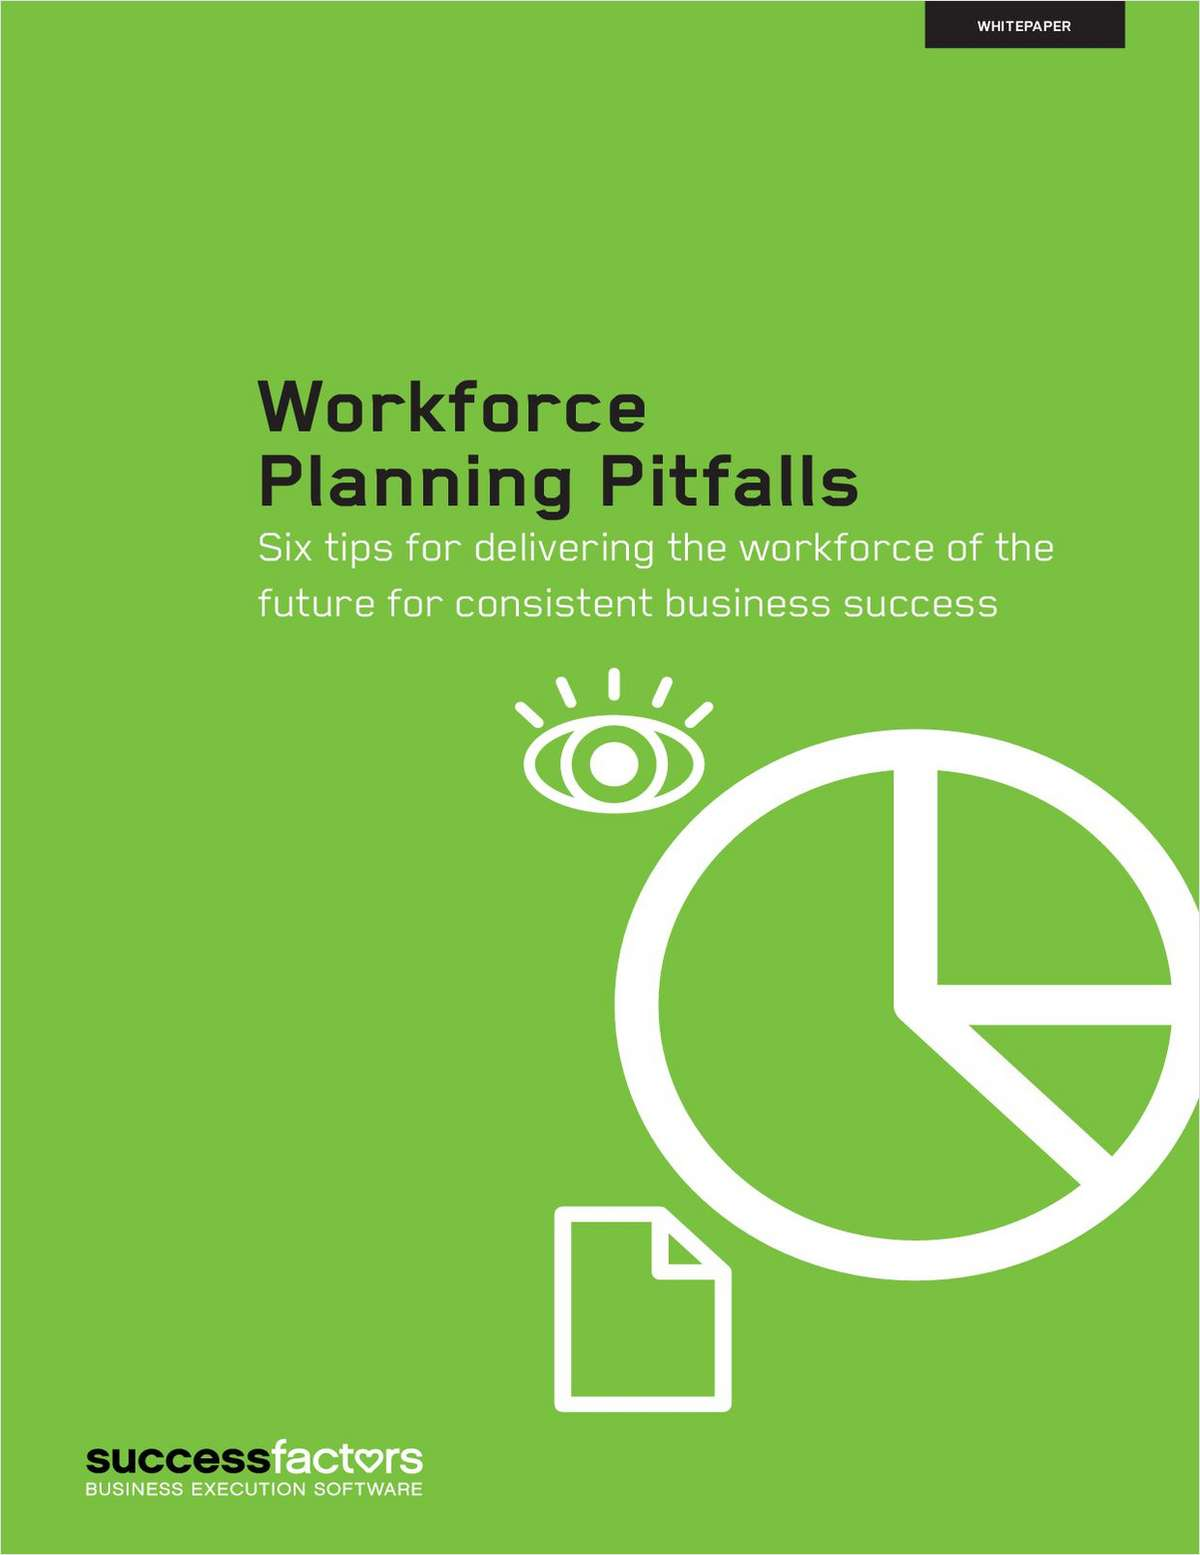 Workforce Planning Pitfalls